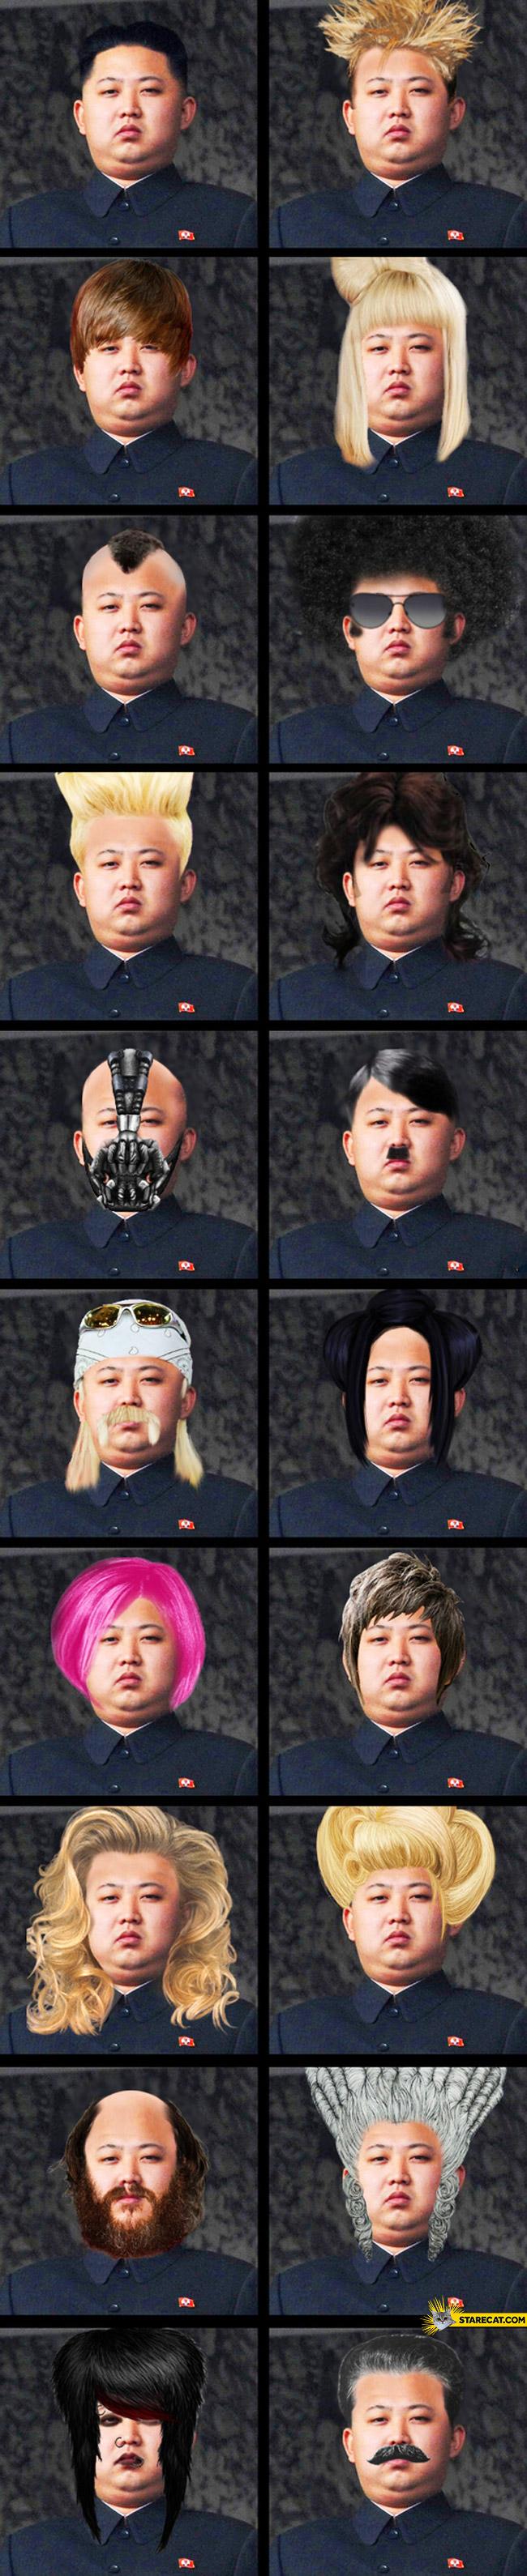 Kim Jong Un haircuts